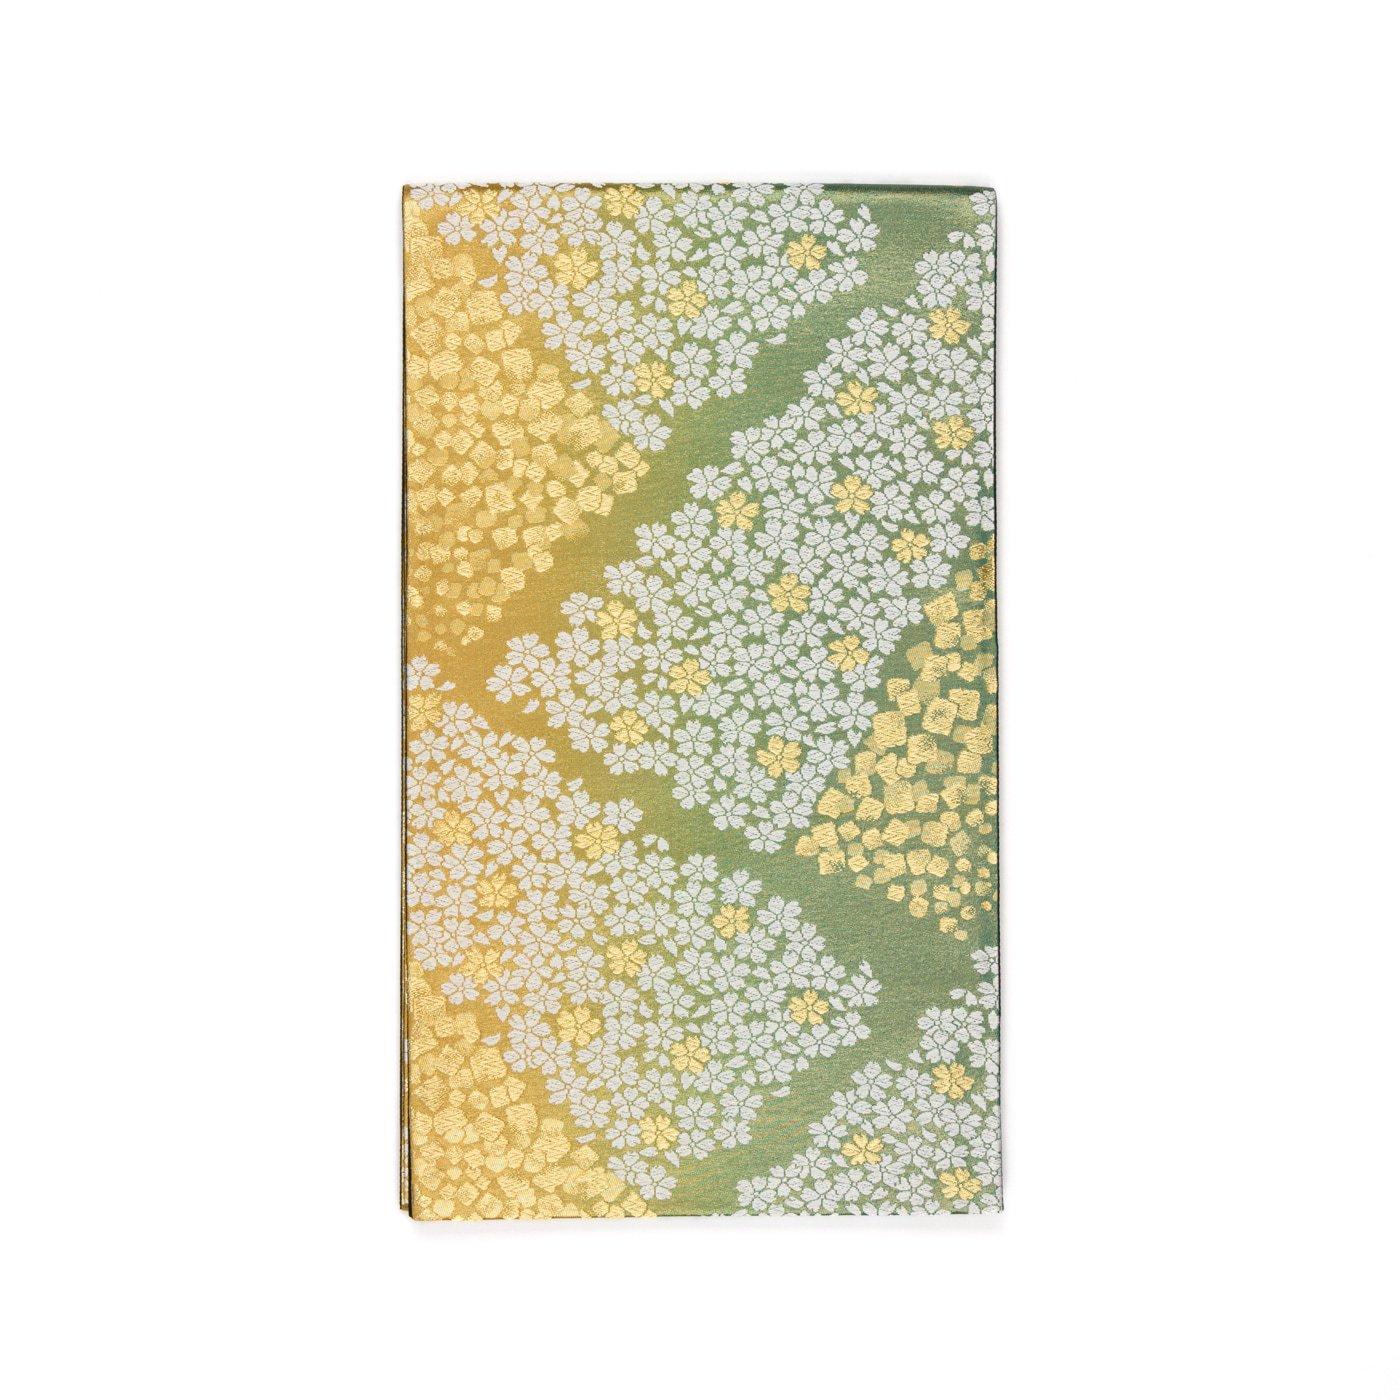 「袋帯●菱の桜」の商品画像